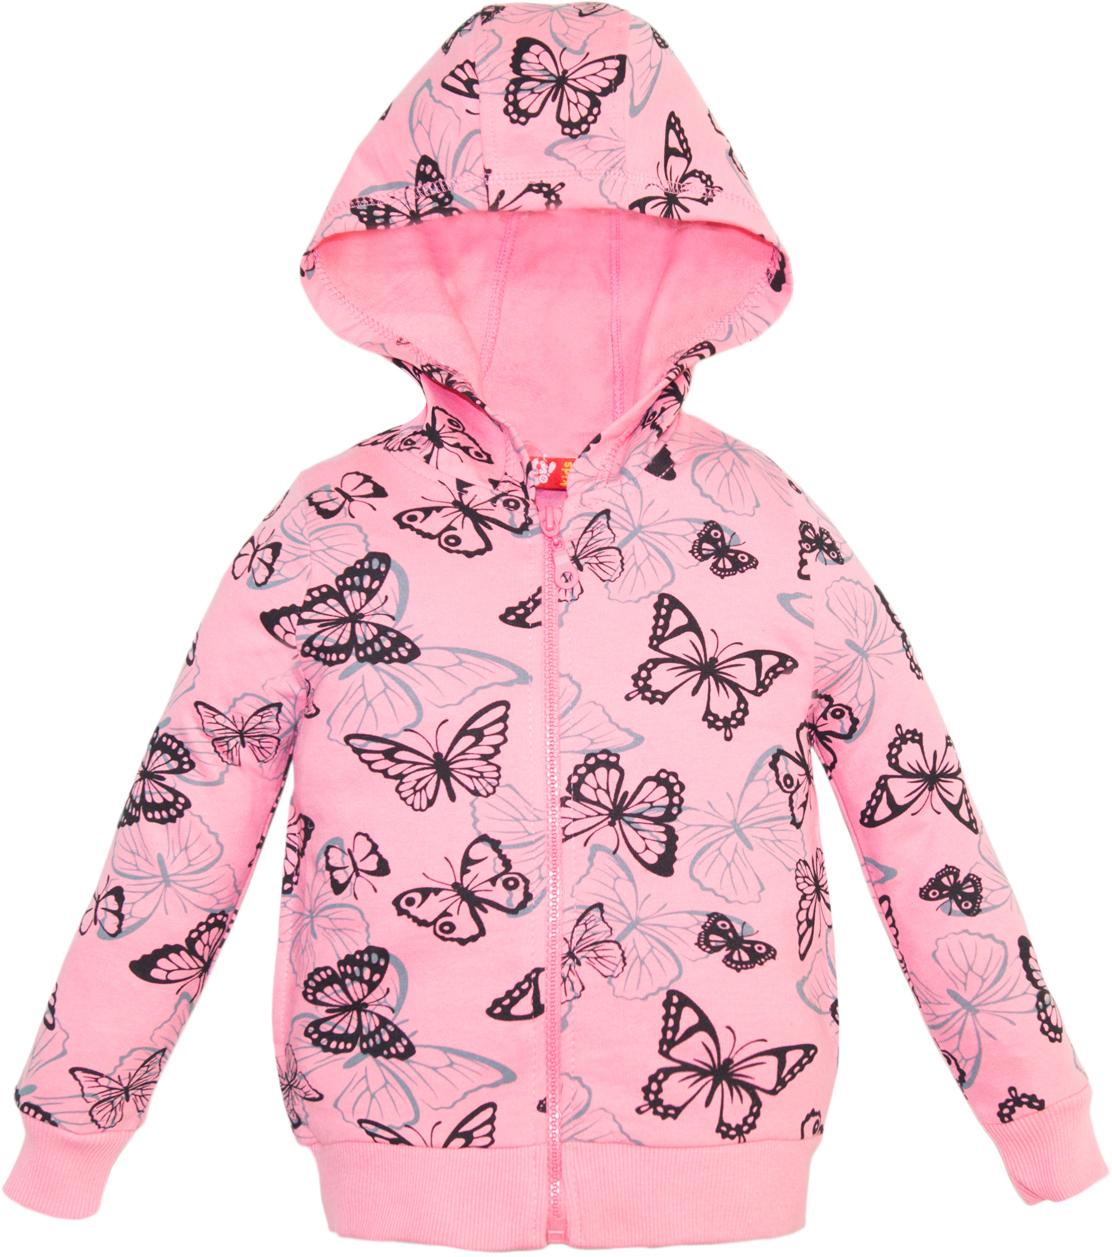 Джемпер для девочки Lets Go, цвет: нежно-розовый. 6153. Размер 1226153